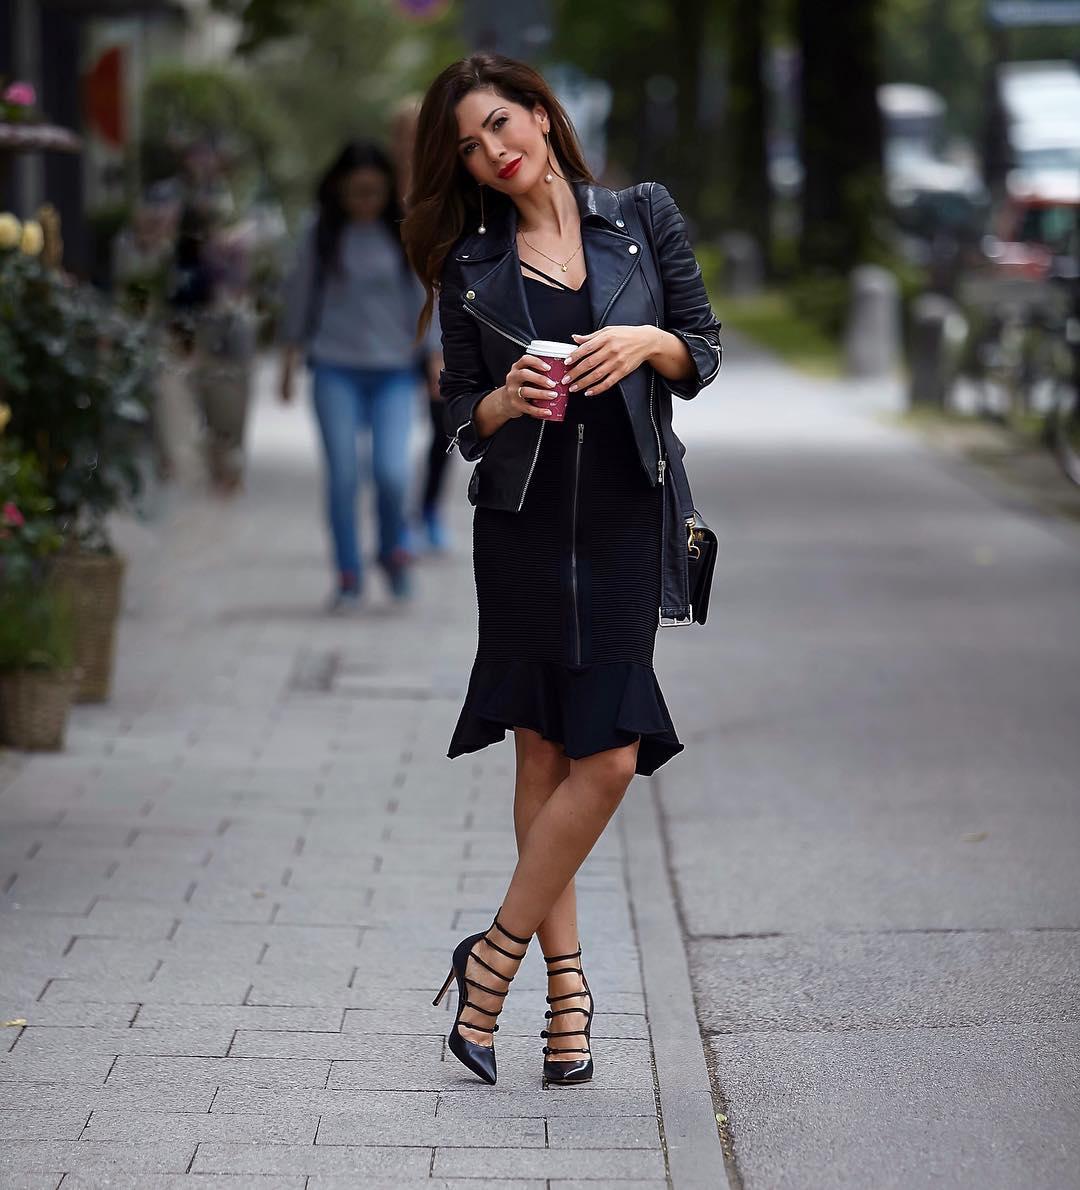 Базовый гардероб 2018 для женщины 30, 40, 50 лет — советы от Эвелины Хромченко